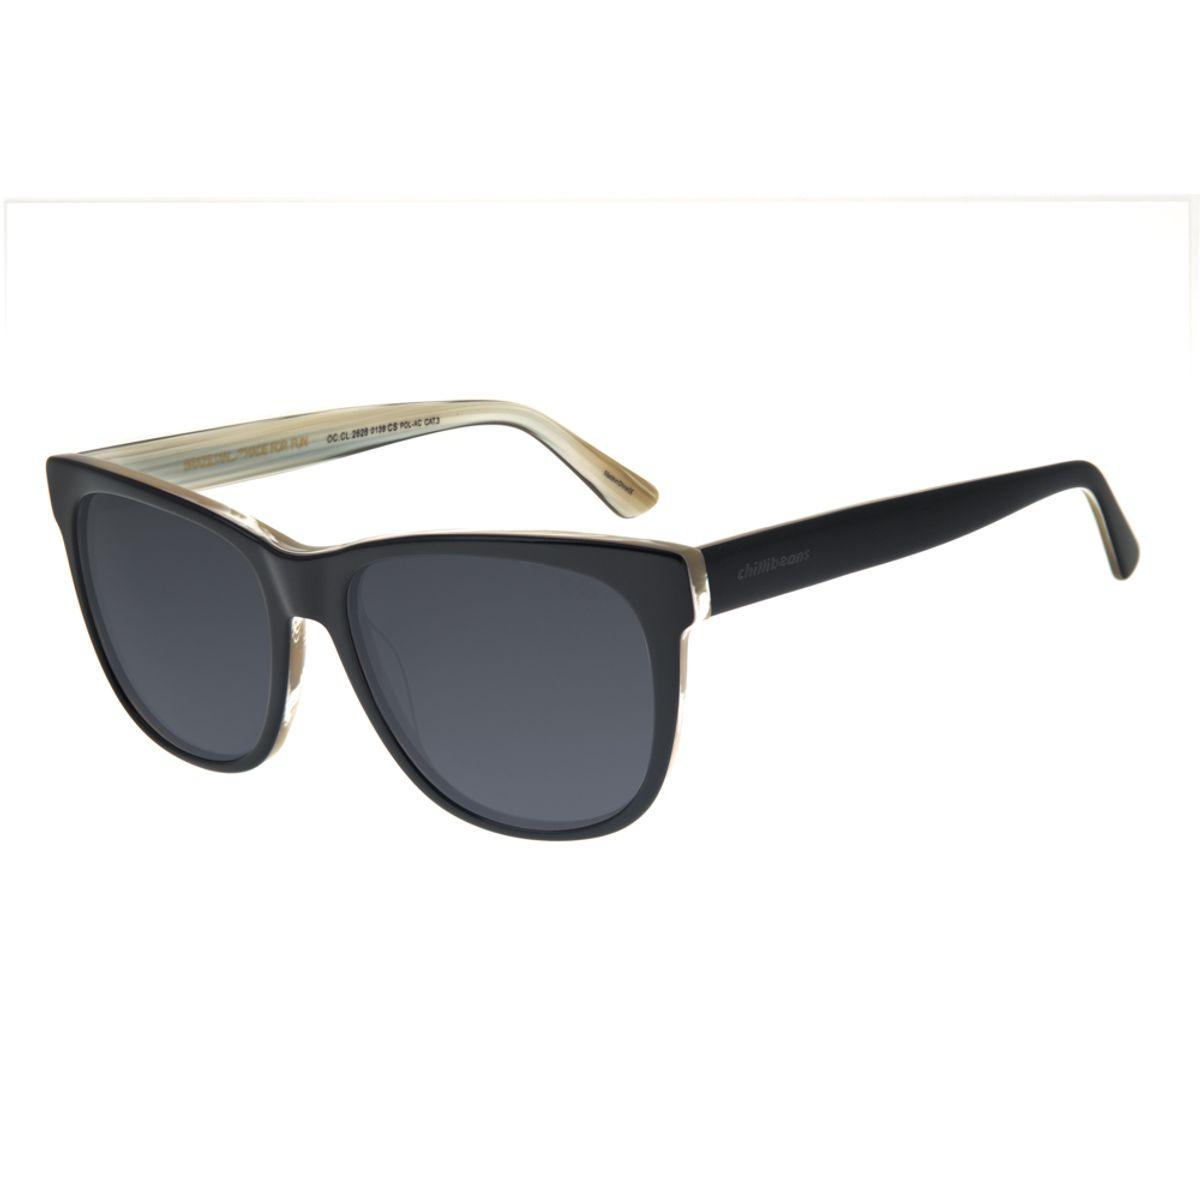 596f422451450 Óculos de Sol Chilli Beans Feminino Retrô Polarizado Preto - Chilli ...